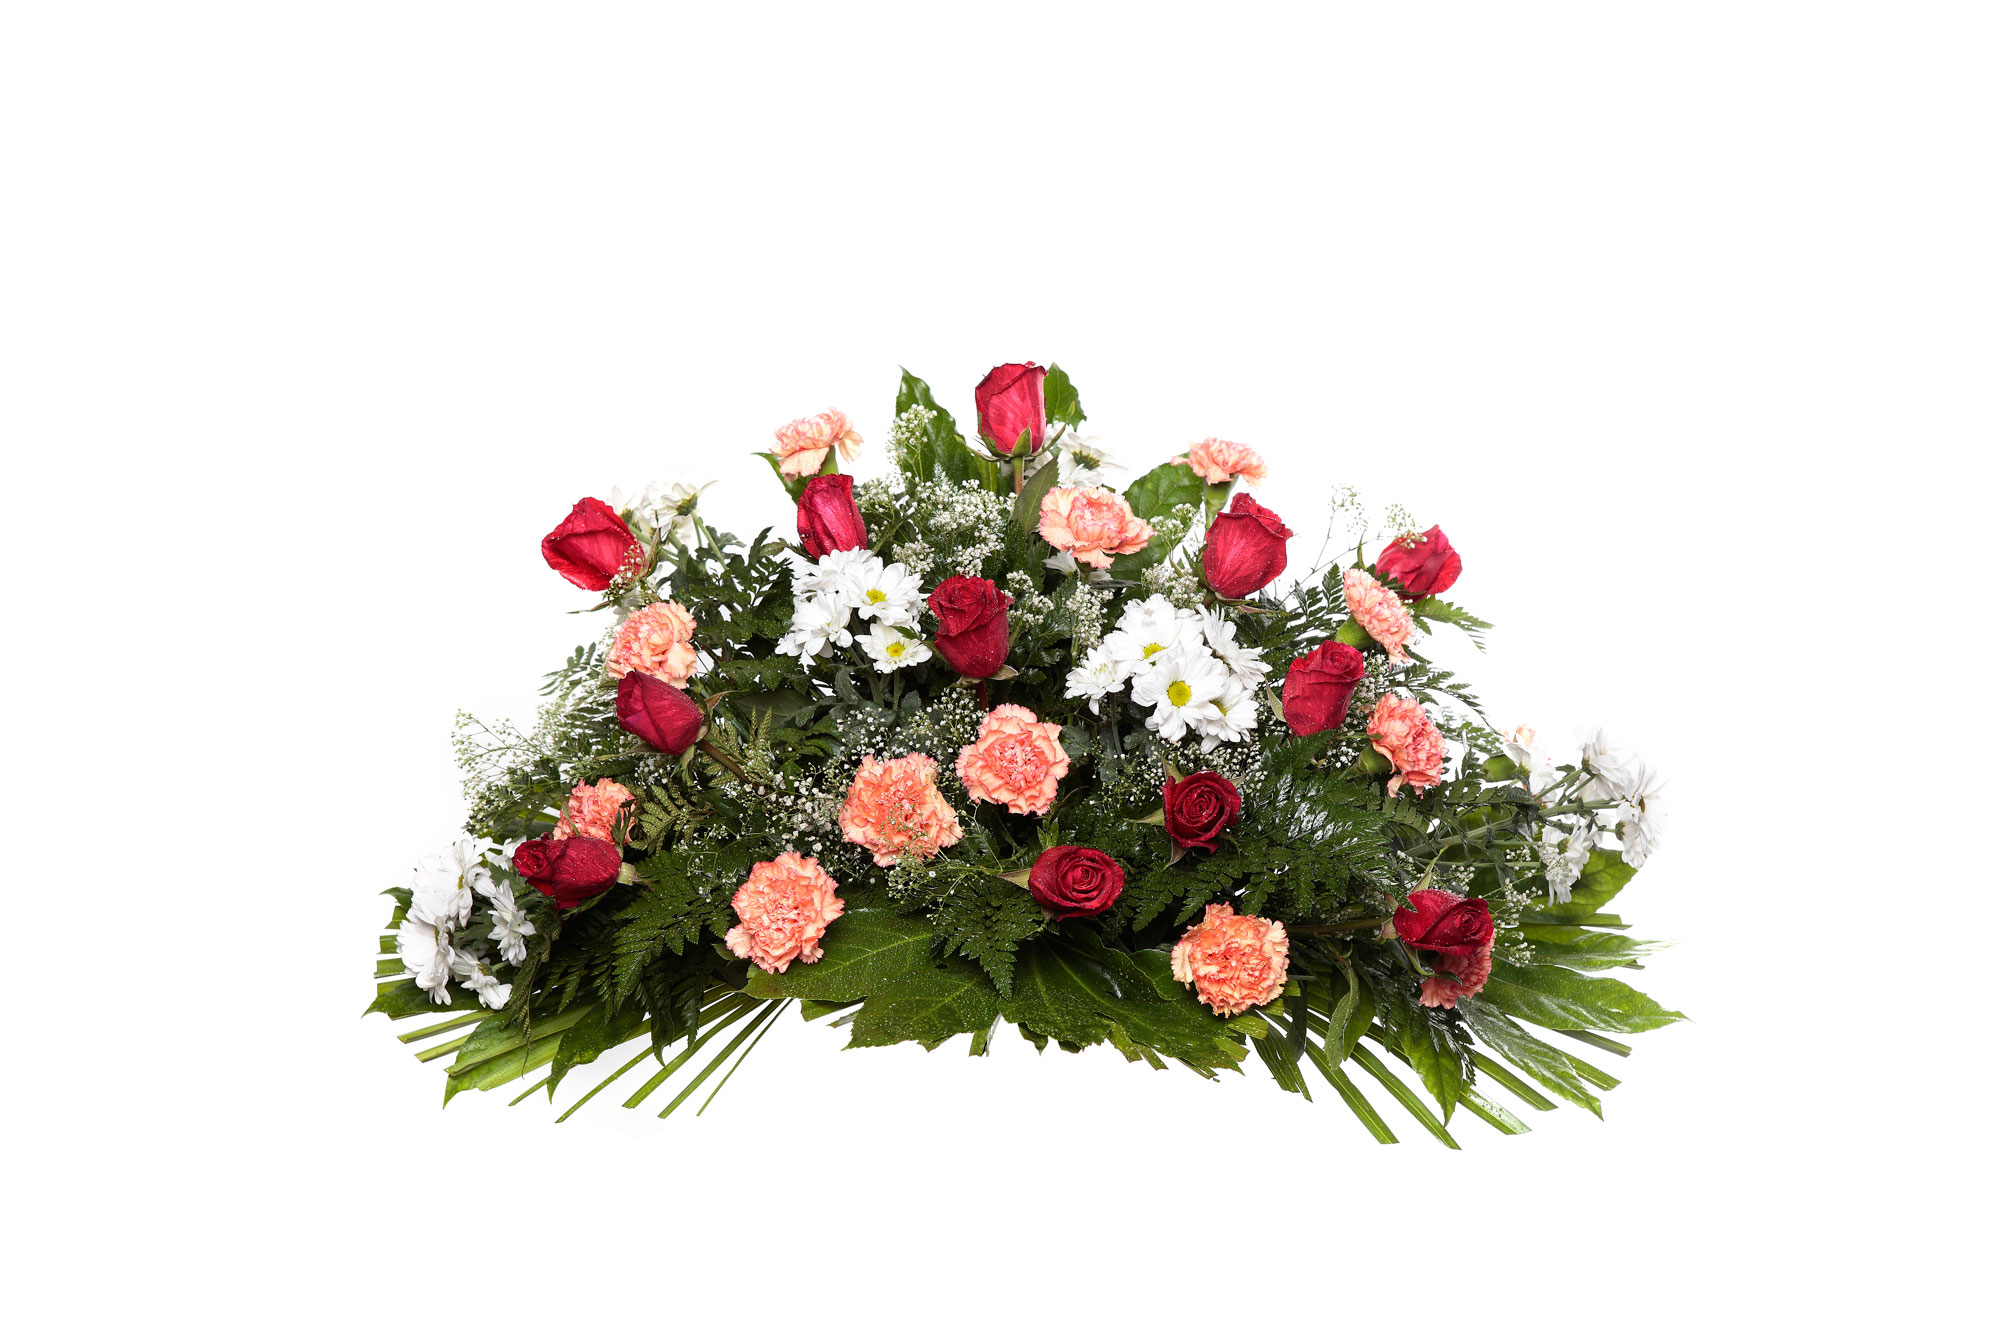 Palma flores tanatorio 6 z palmas flores naturales for Tanatorio los jardines carrizo